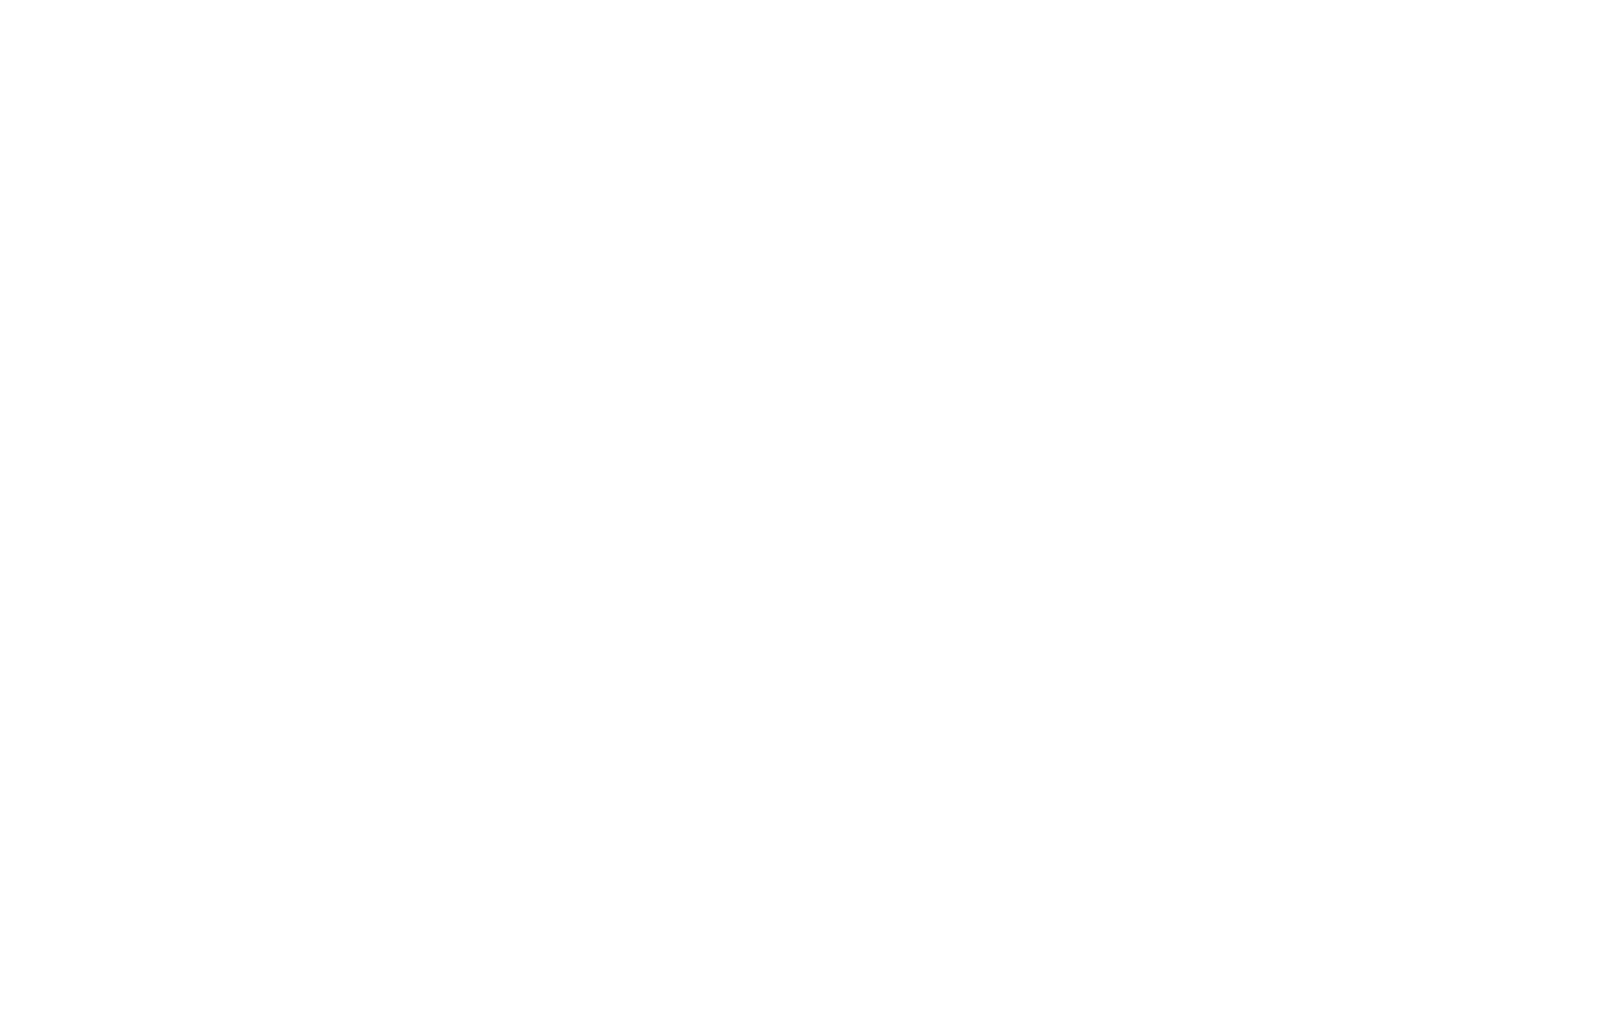 Le concert idéal